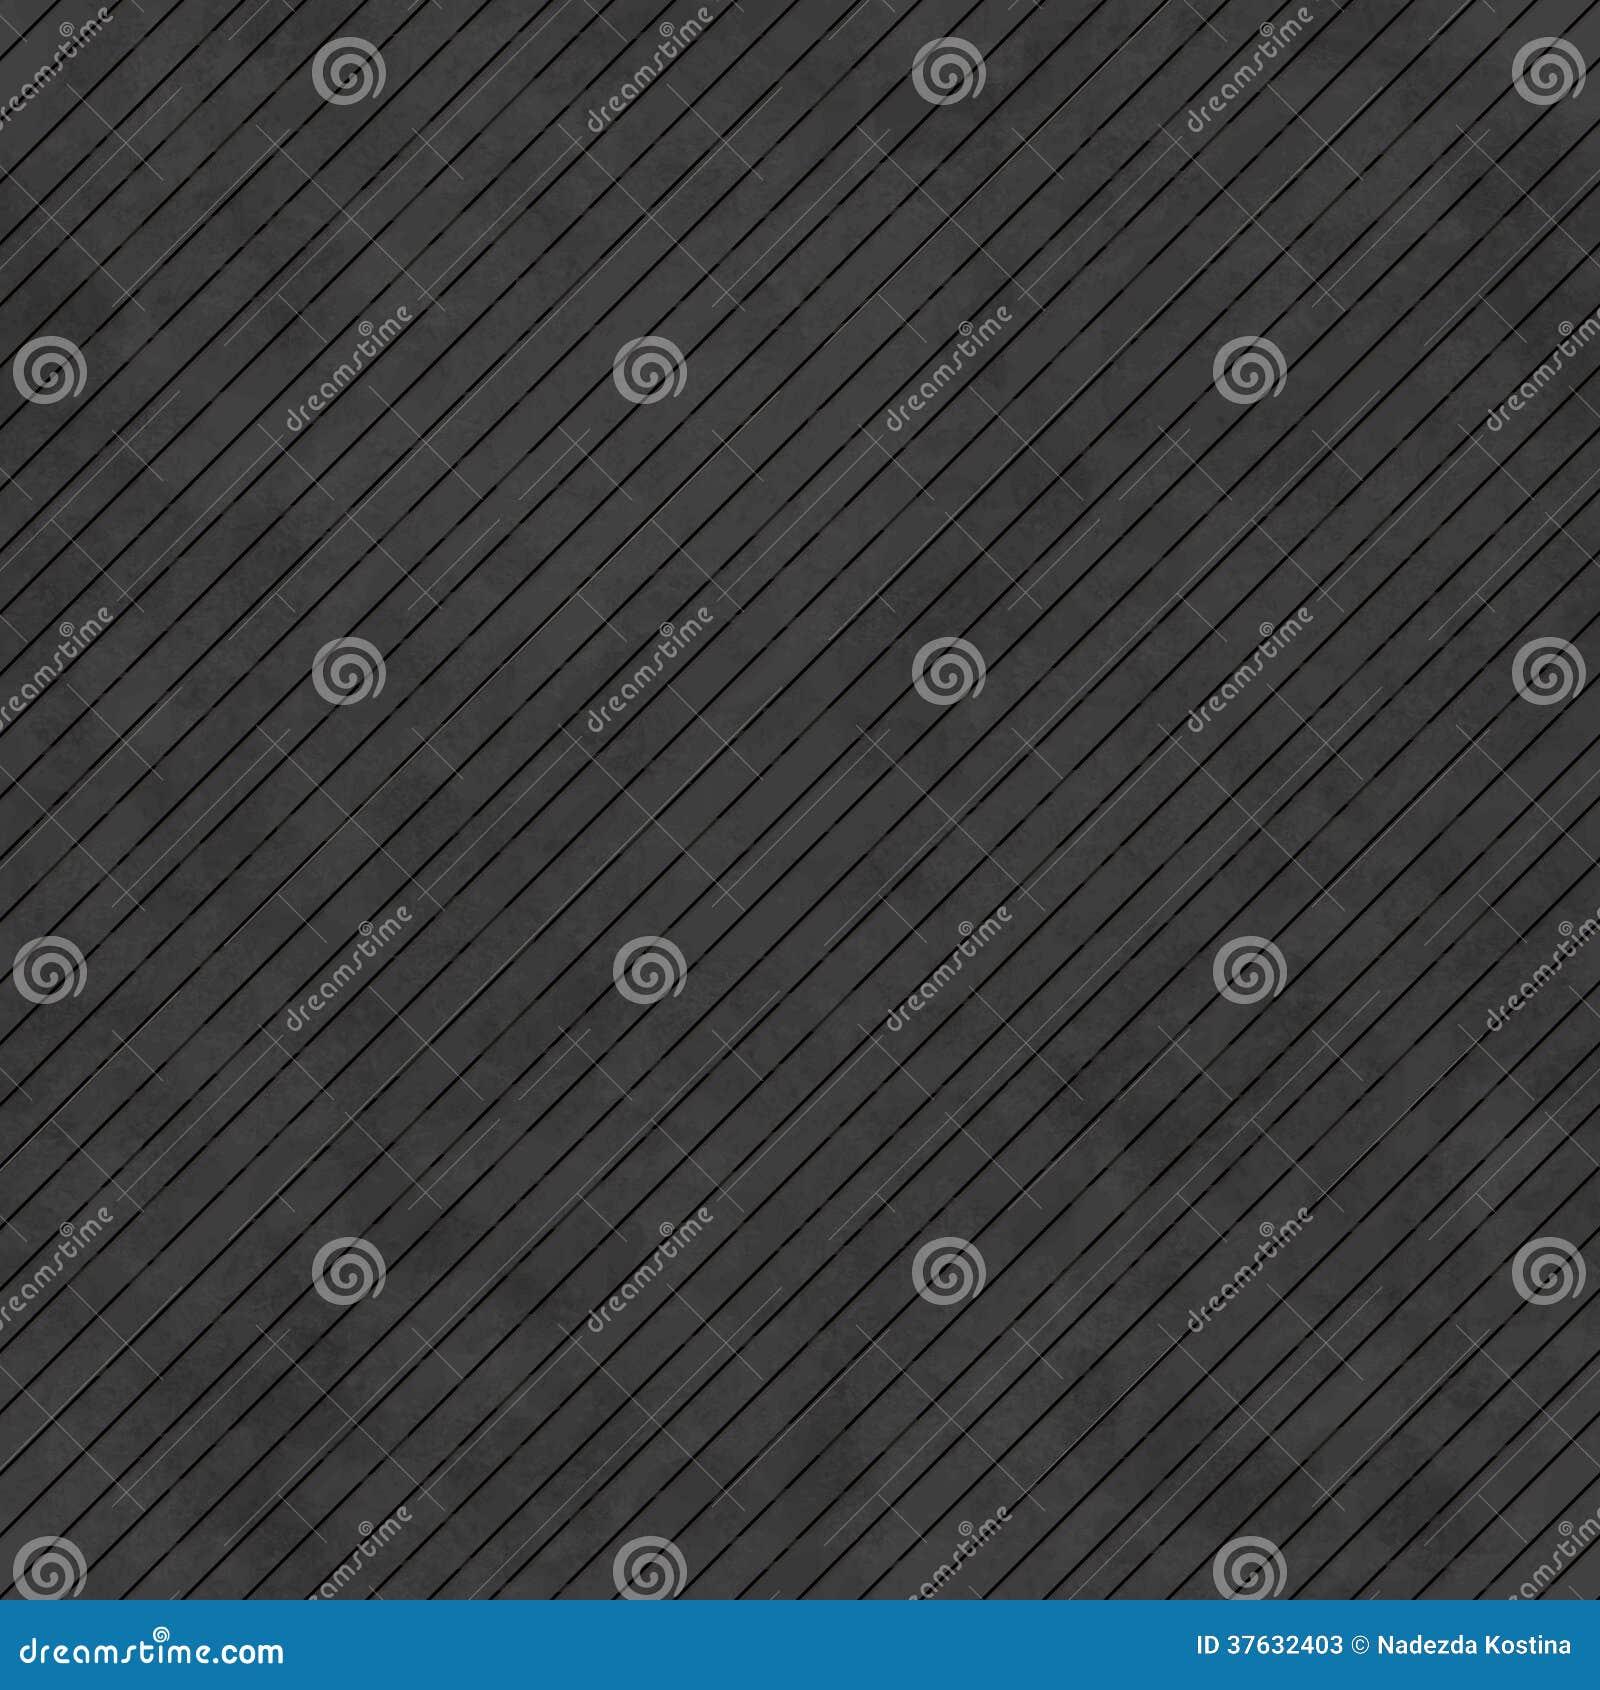 Abstrakter schwarzer Vektor-nahtloser Beschaffenheits-Hintergrund